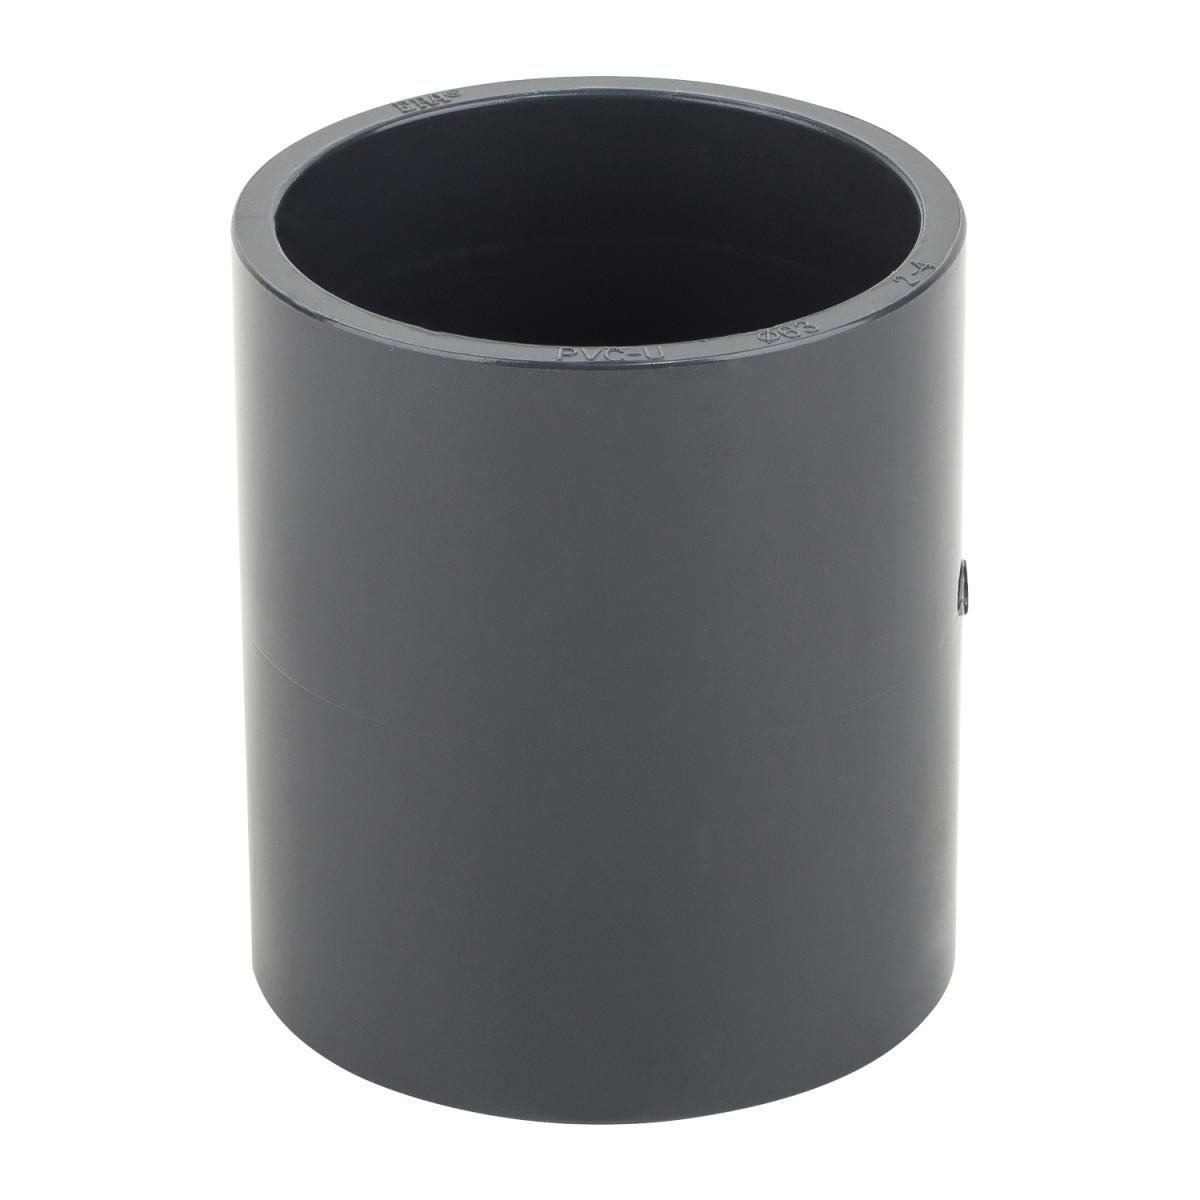 Муфта ПВХ ERA соеденительная диаметр 250 мм.